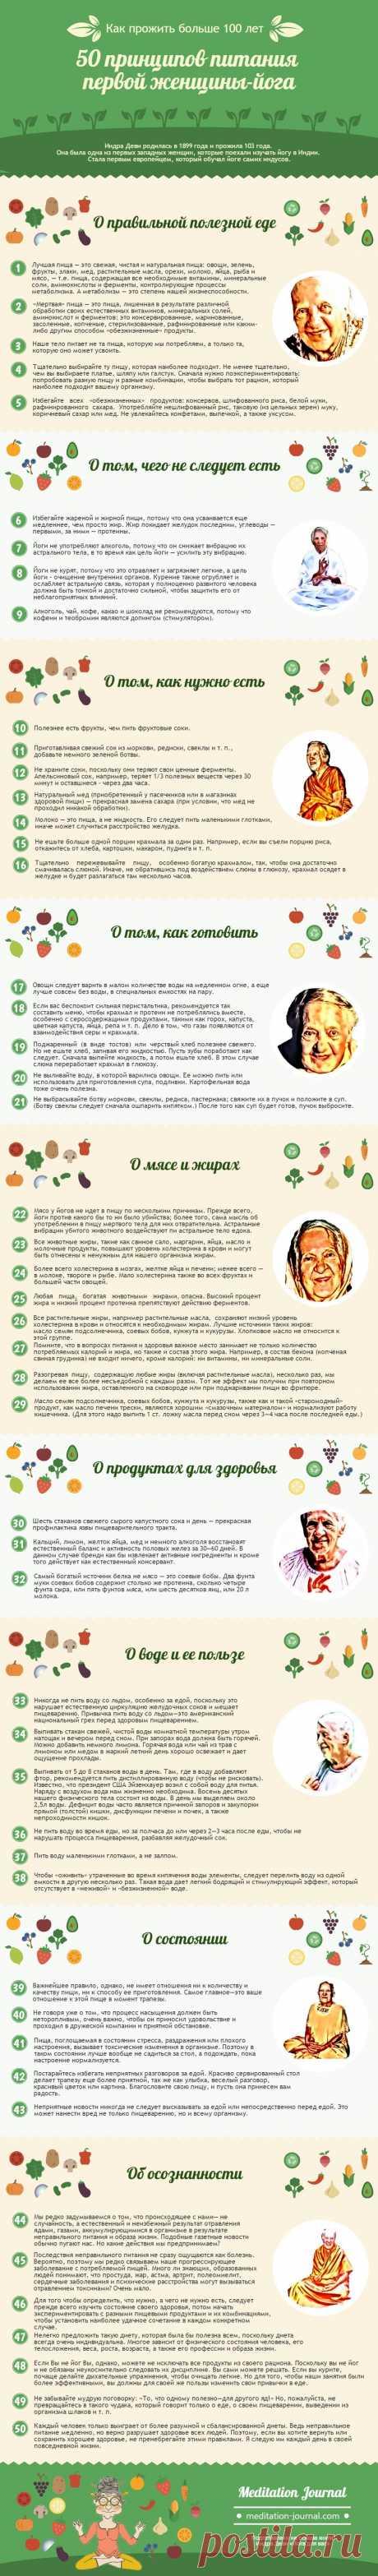 50 принципов питания первой женщины йога (103 года)